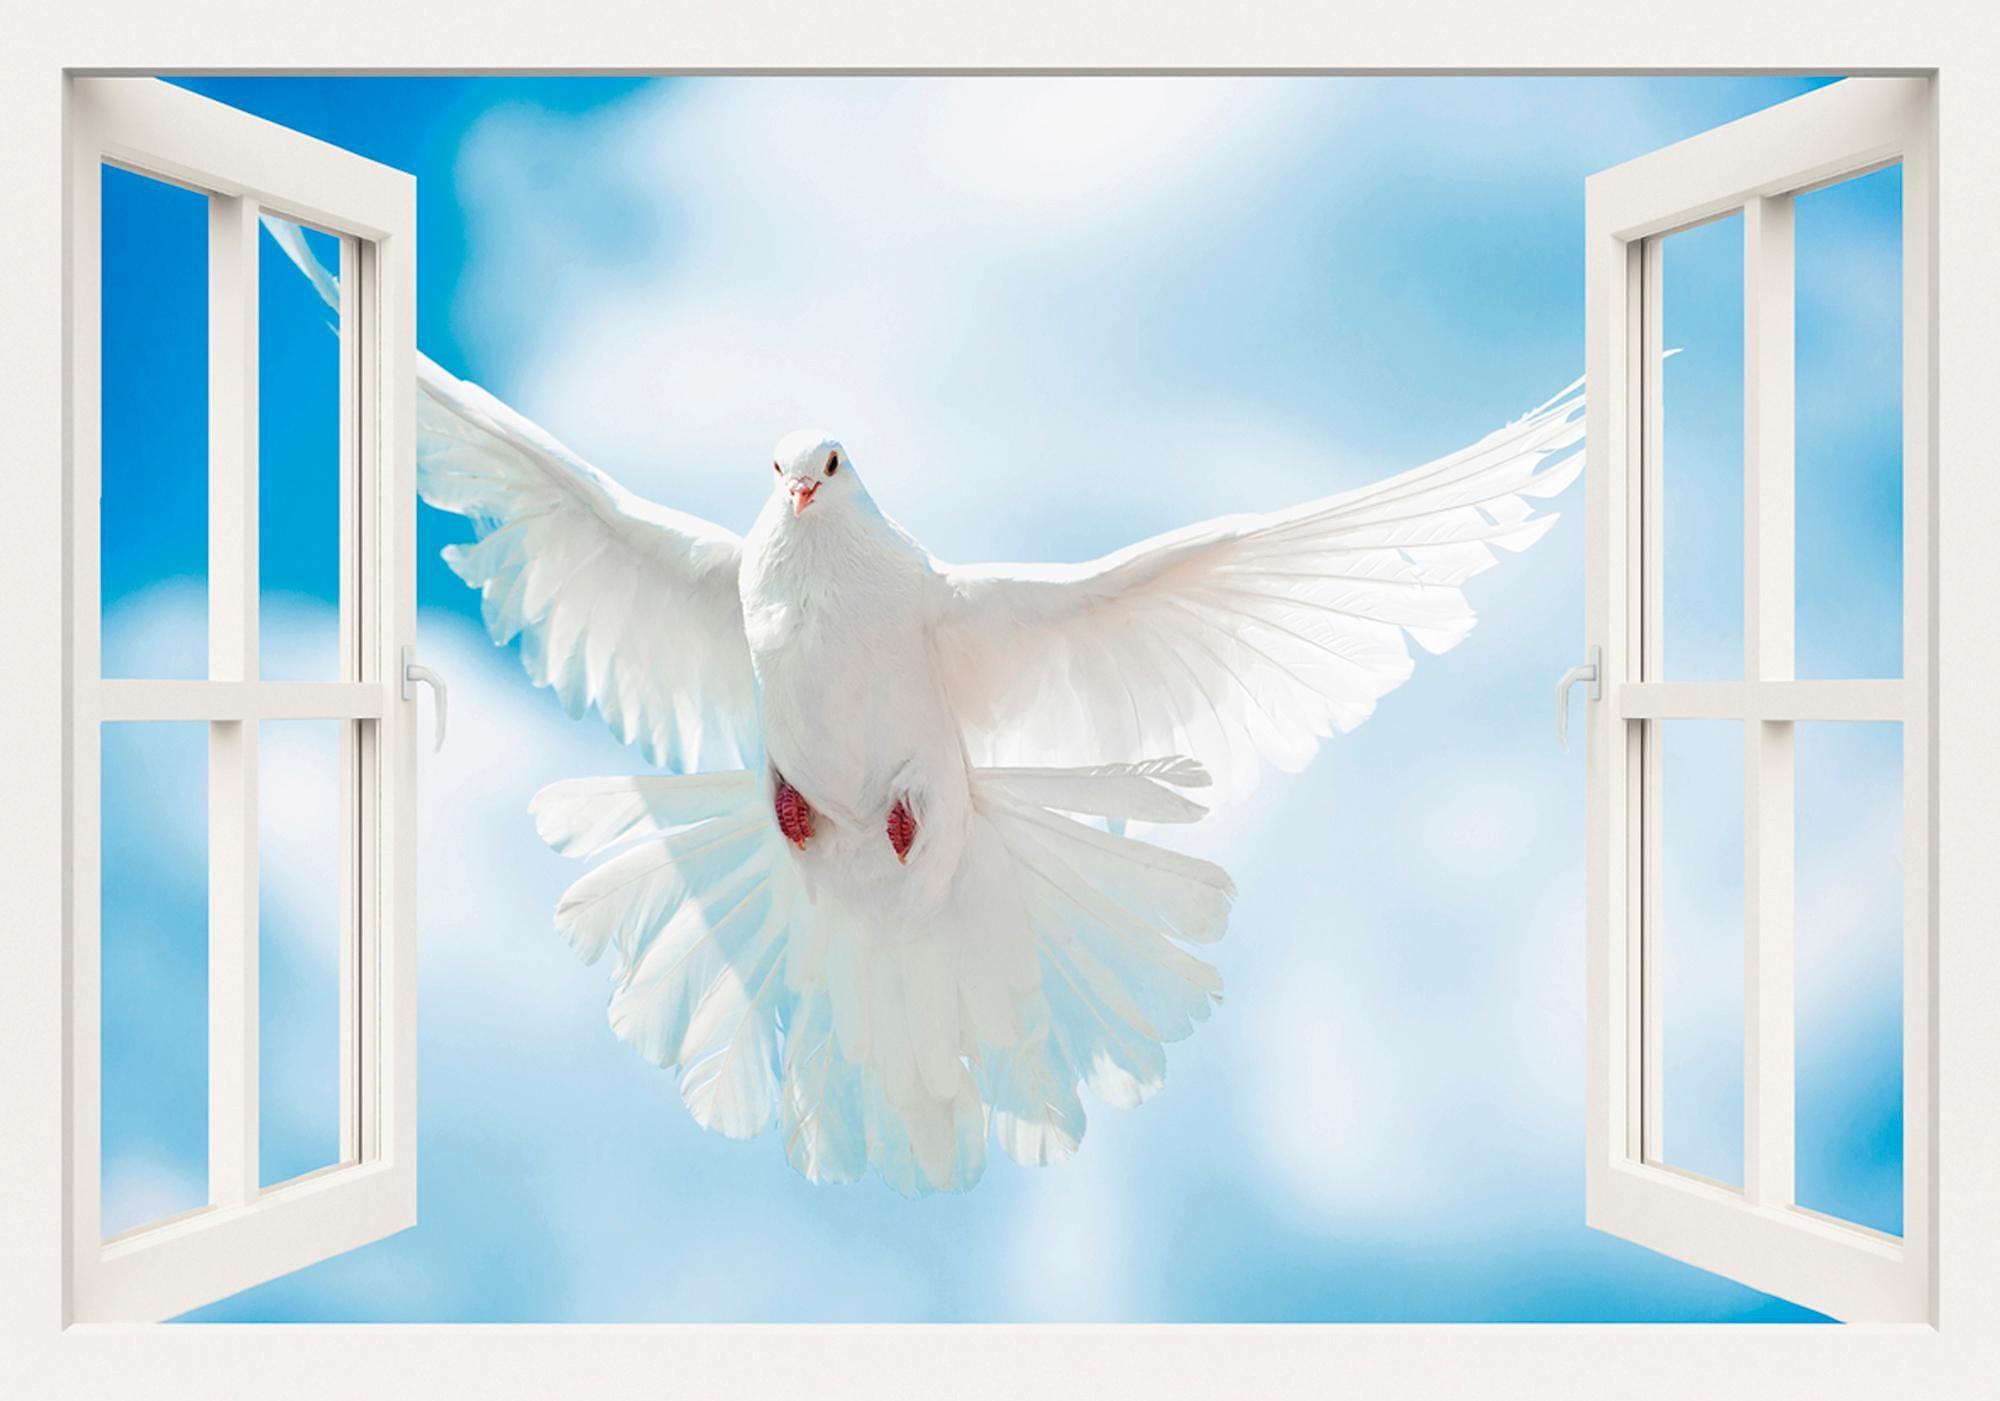 Home affaire Leinwandbild »A. Kuba: Taube mit ausgebreiteten Flügen vor der Sonne«, 100/70 cm